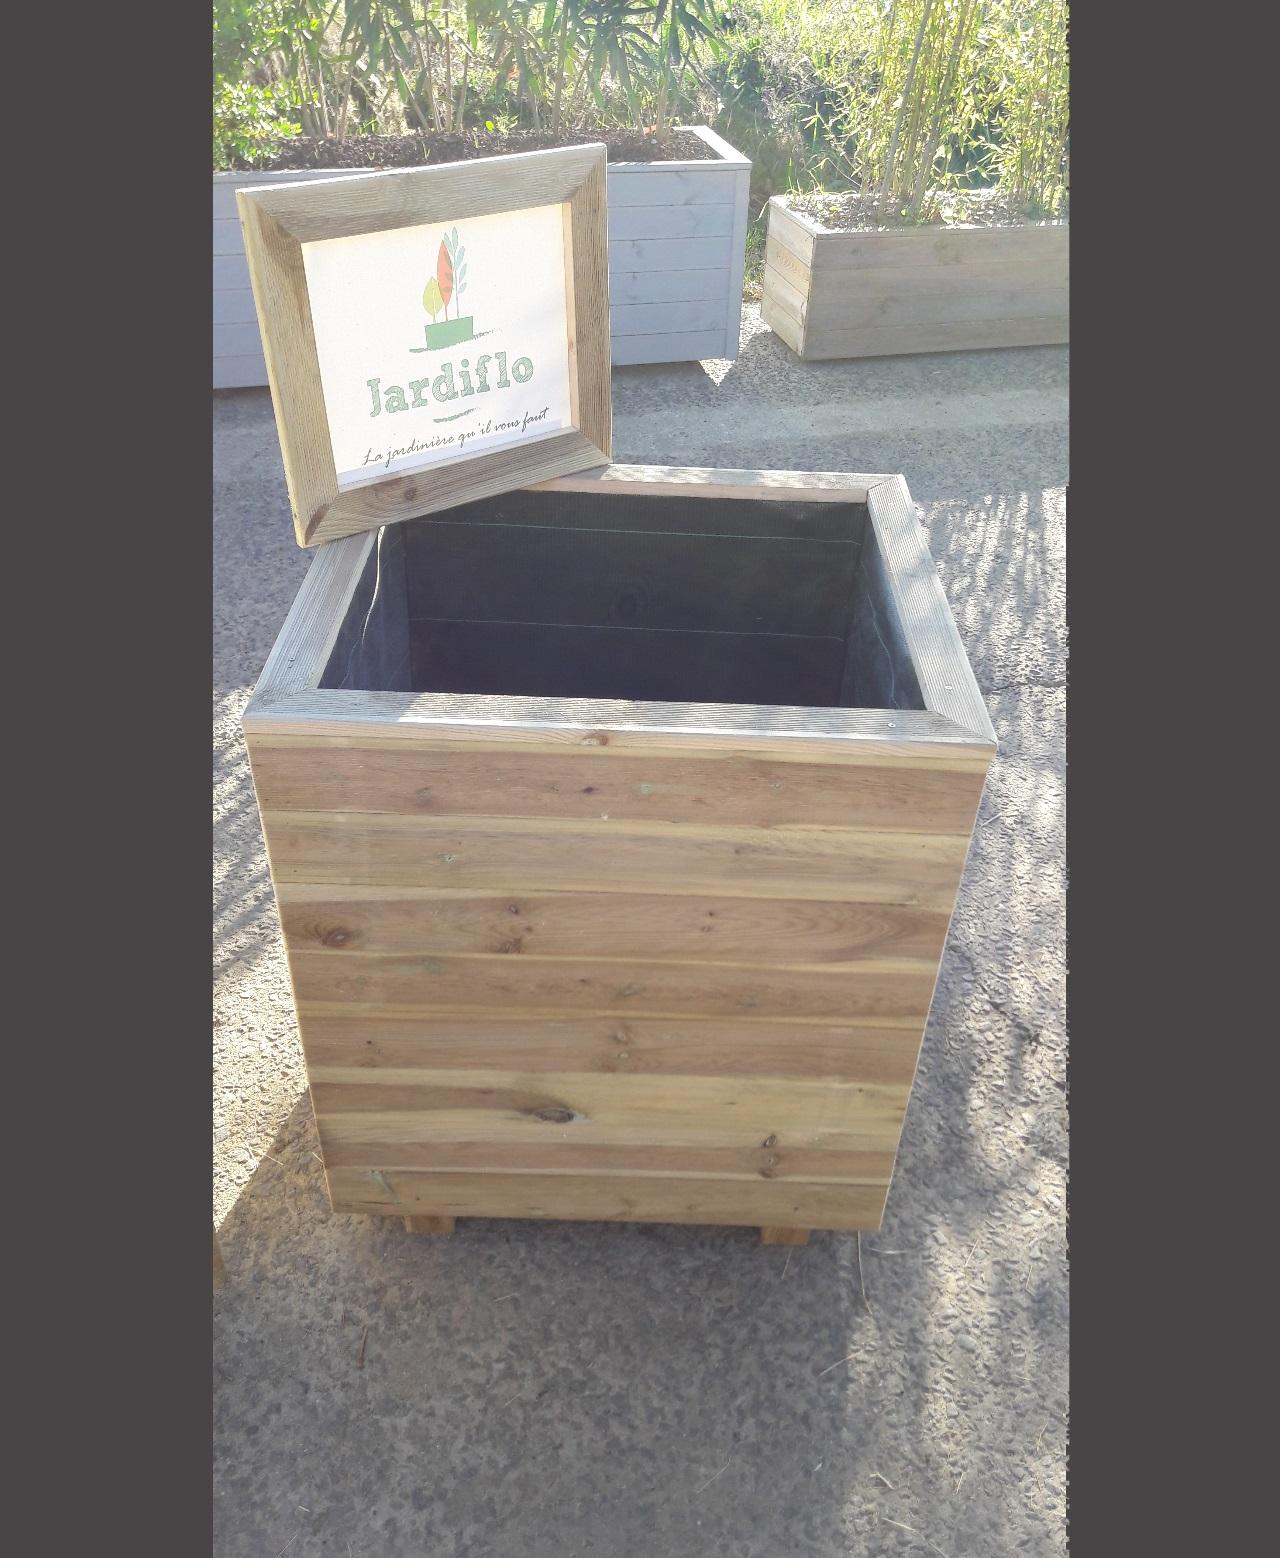 Jardini re carr e en bois 70x60x80 220l xxl jardiflo - Jardiniere xxl ...